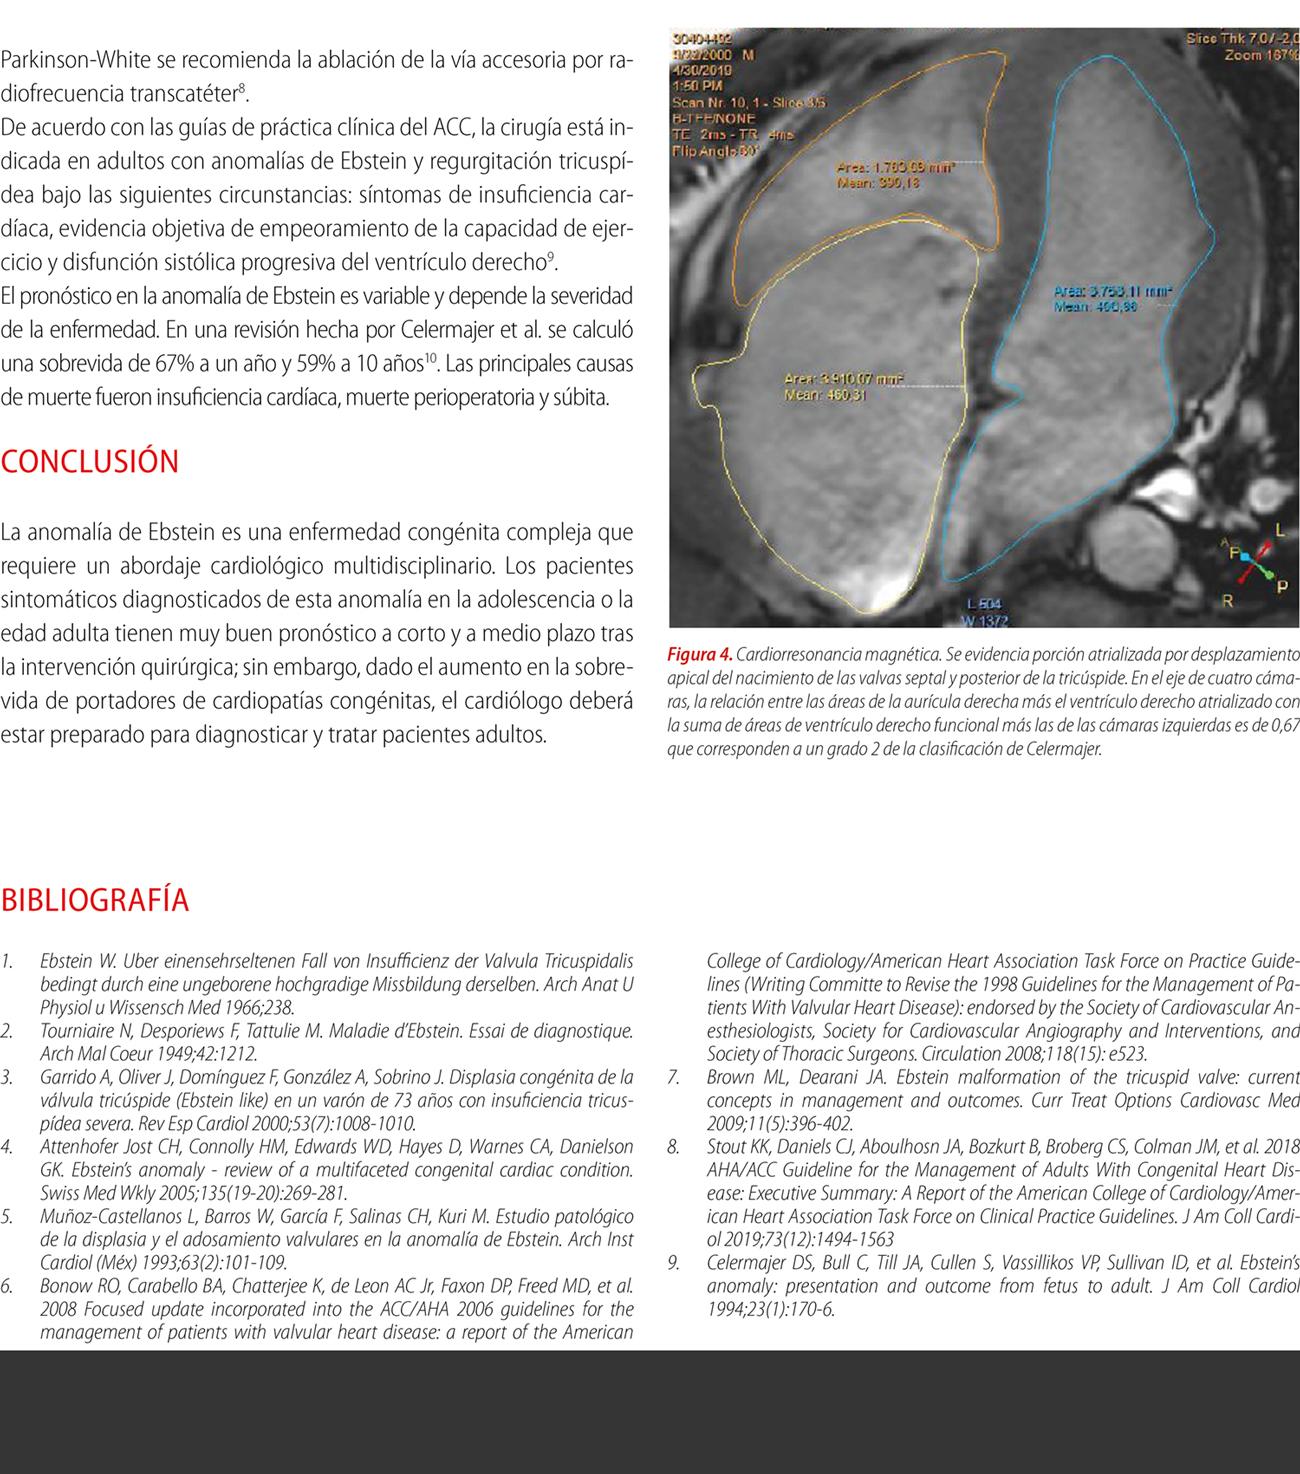 Fibrilación auricular preexcitada como forma de presentación de la anomalía de Ebstein